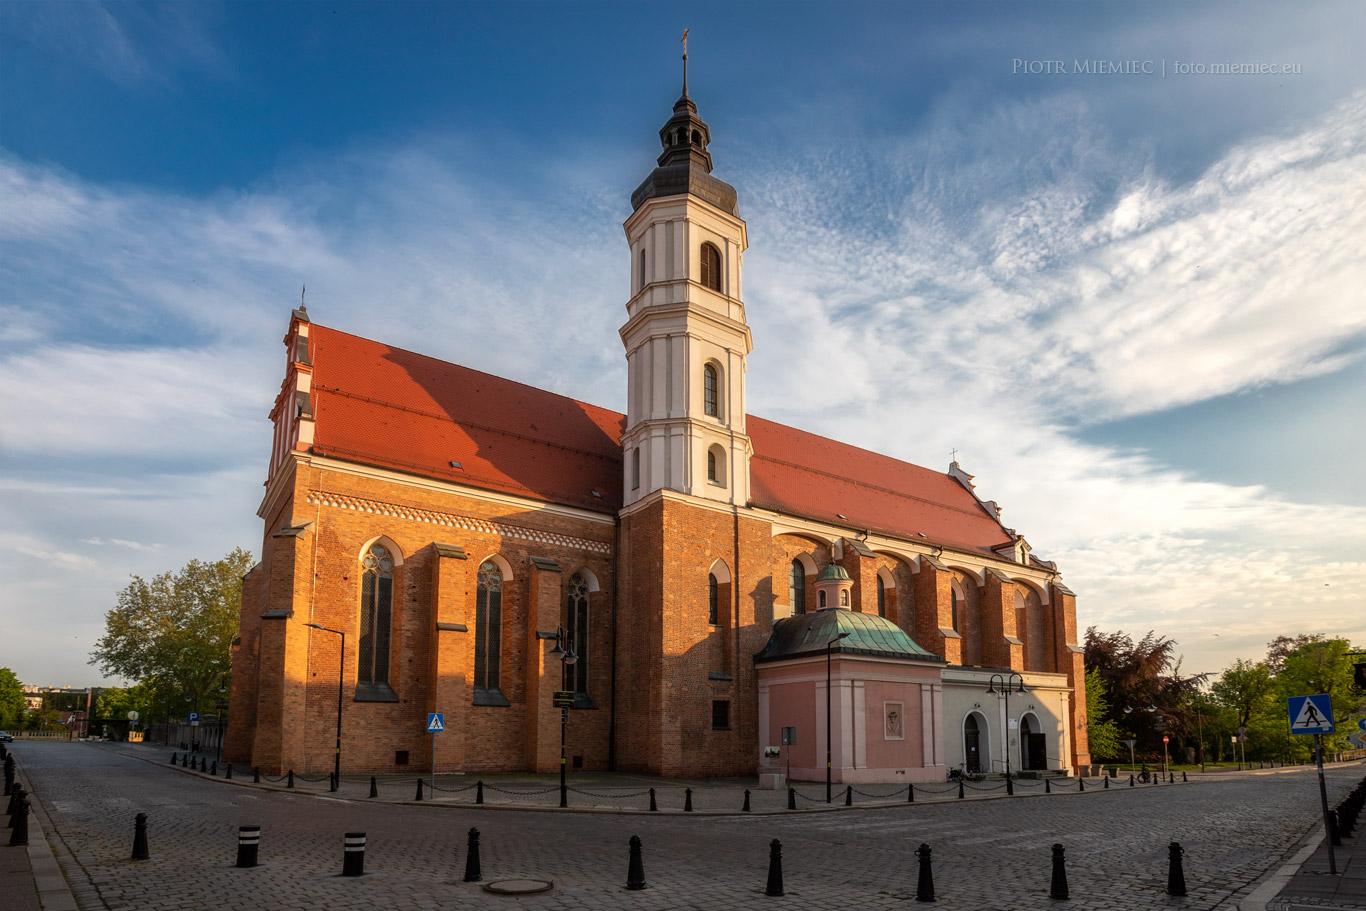 Opole Kościół i klasztor Franciszkanów